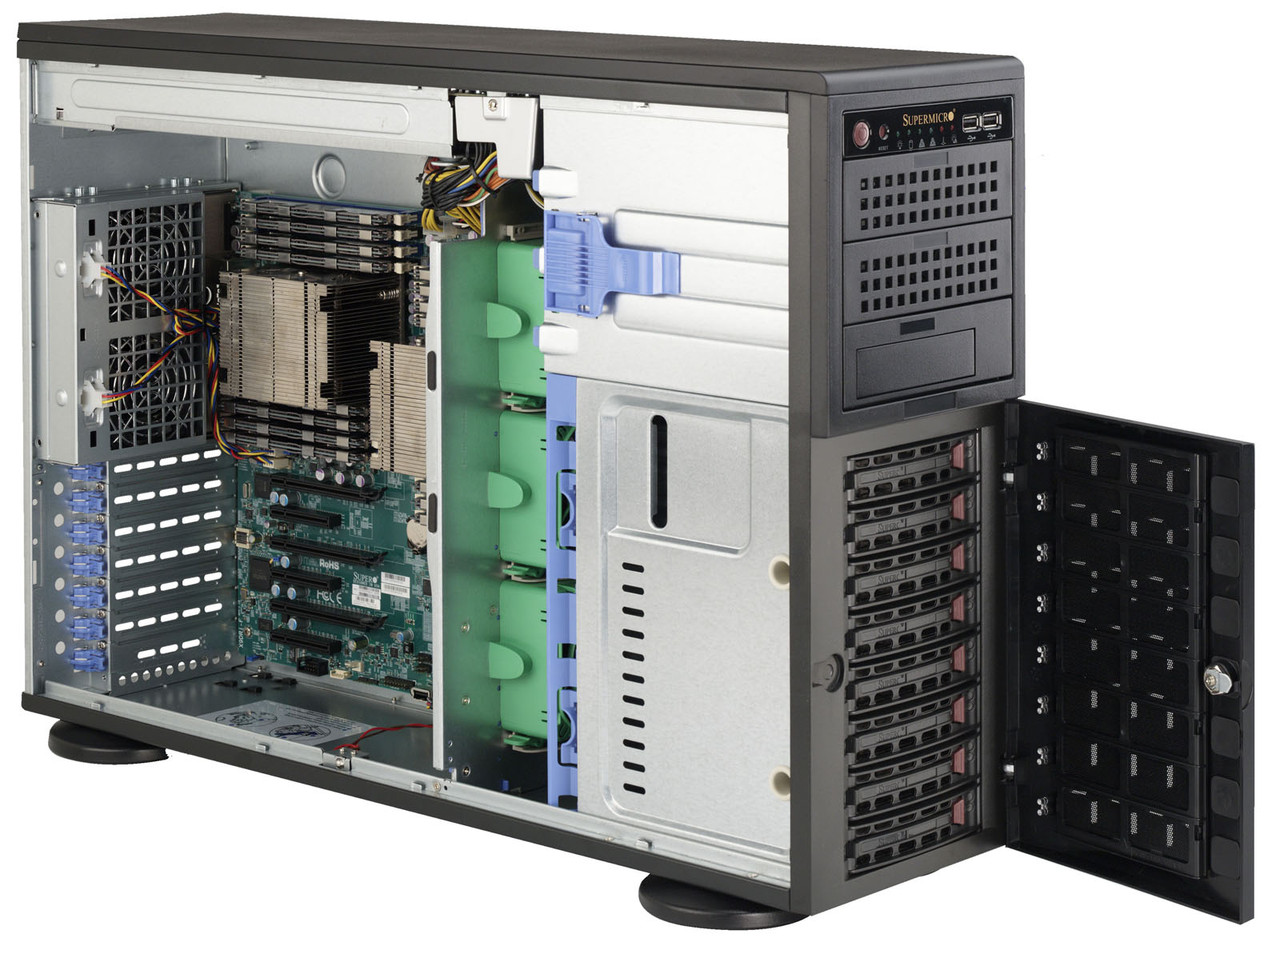 SuperMicro 4U/Tower SYS-7047R-TRF 2x4С E5-2609v2/32Gb/4x2Tb SATA III Ent. 7.2k/DVD-RW